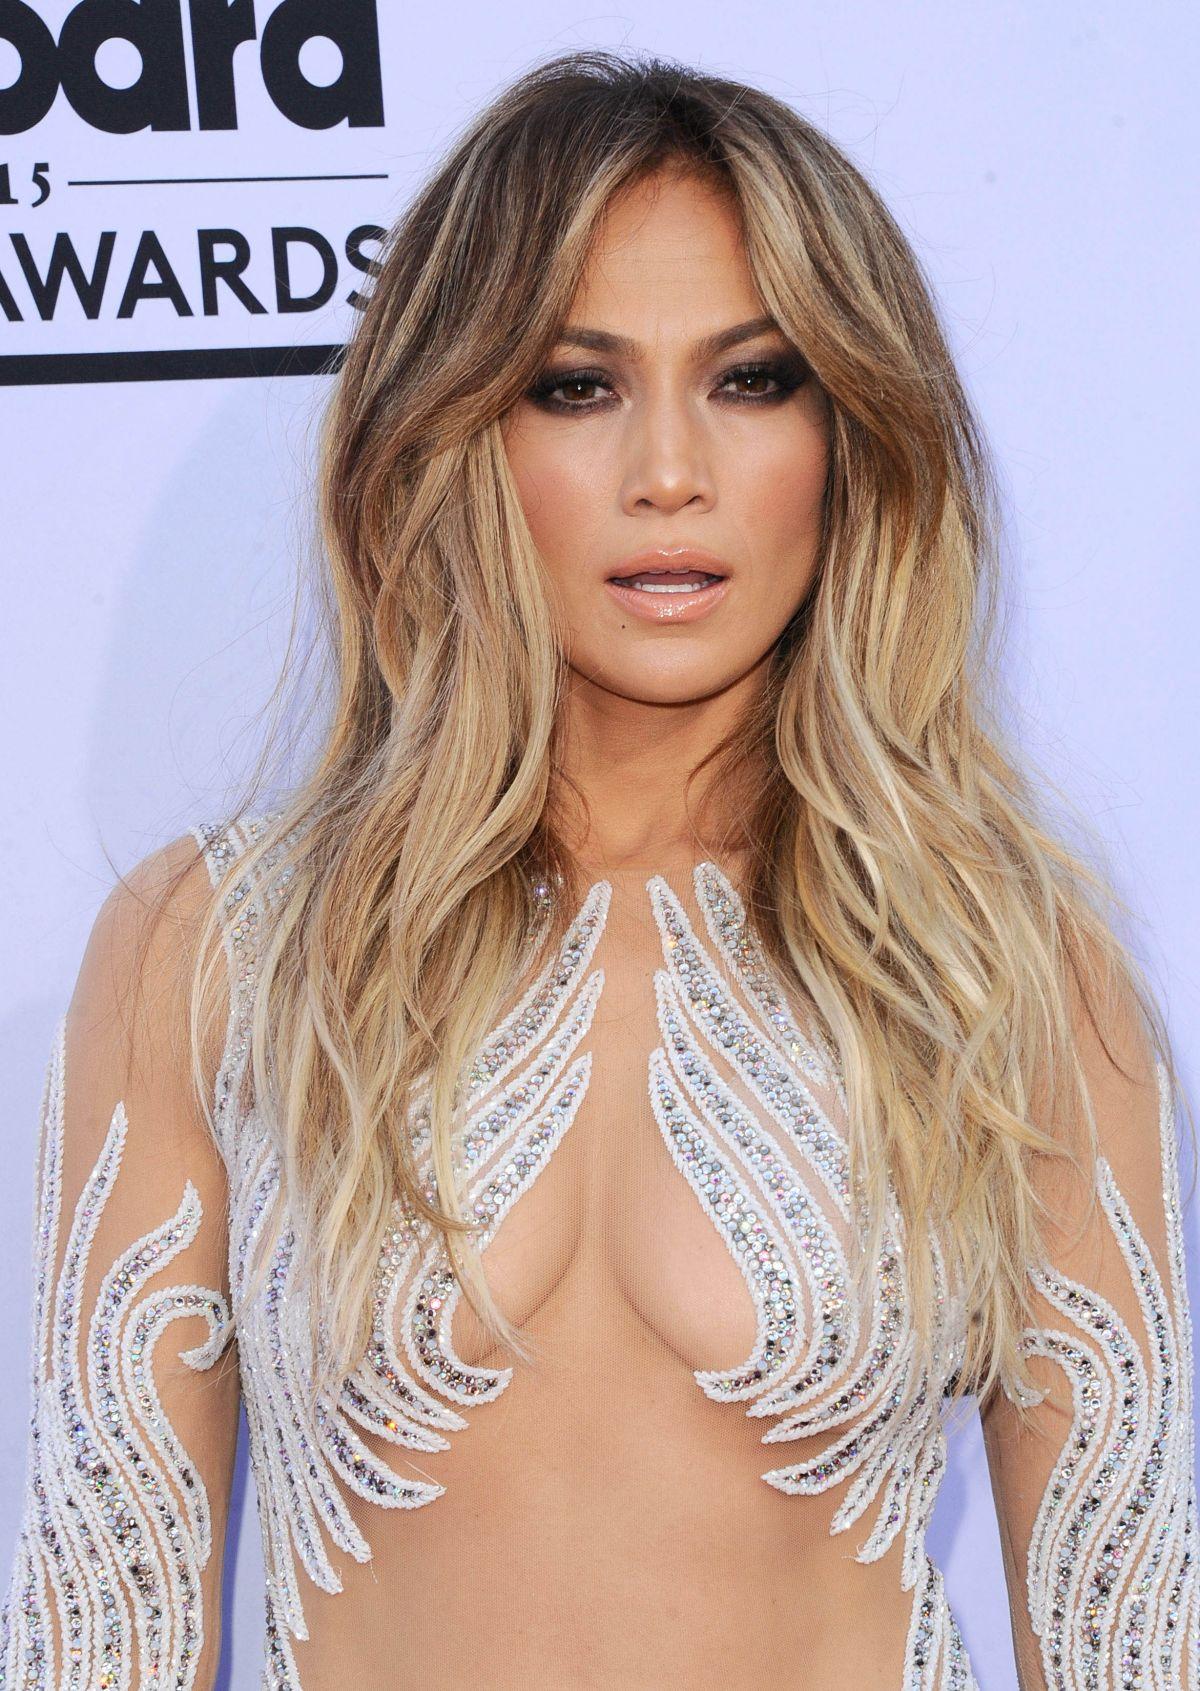 JENNIFER LOPEZ at 2015... Jennifer Lopez